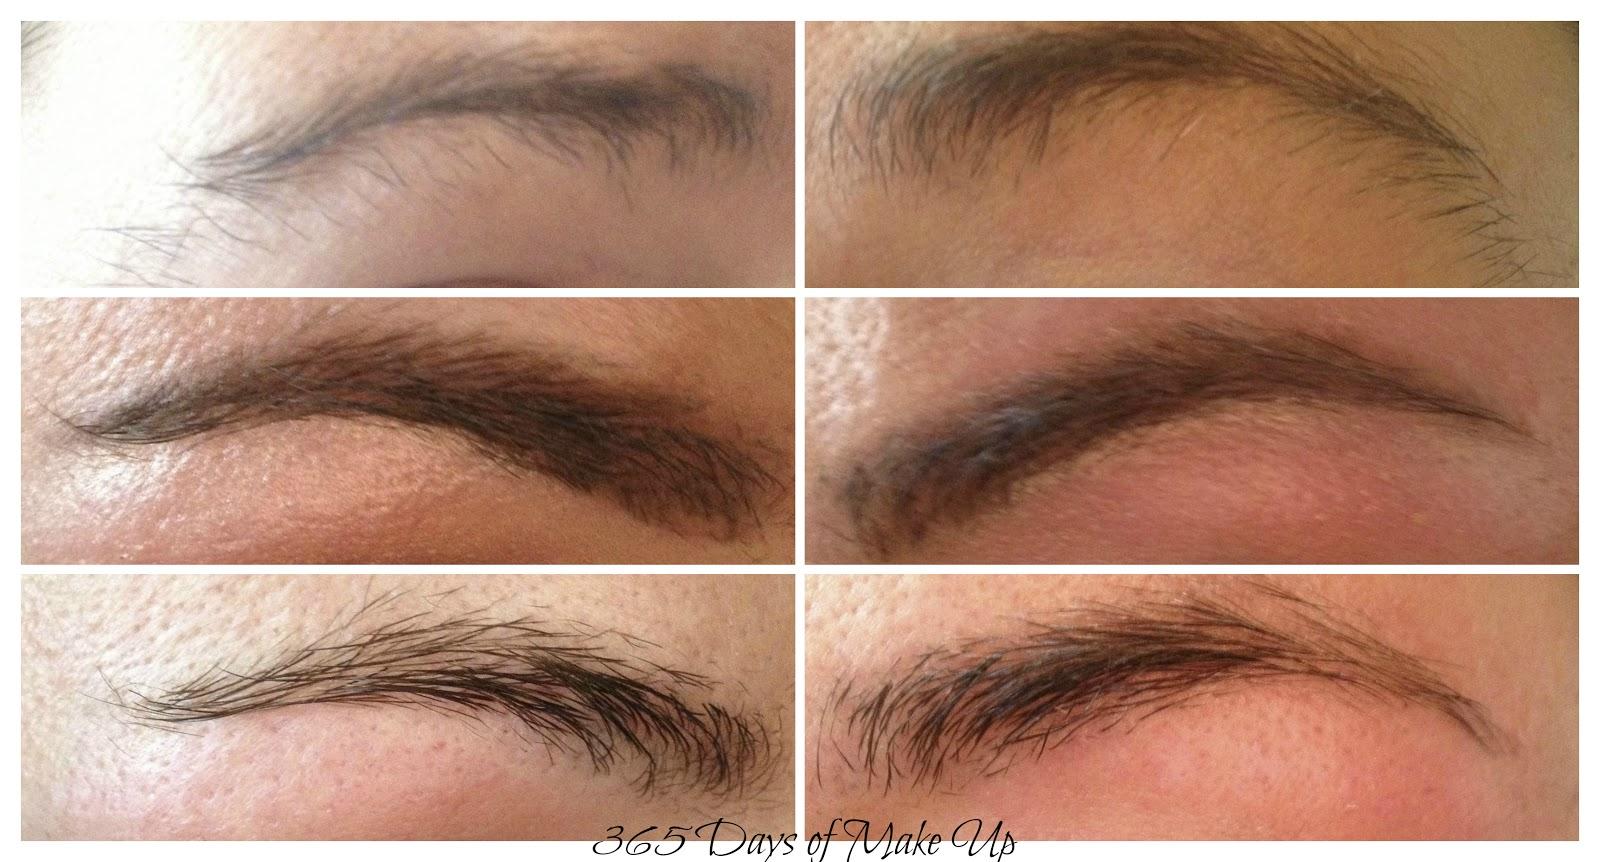 Brow up and make up макияж отзывы